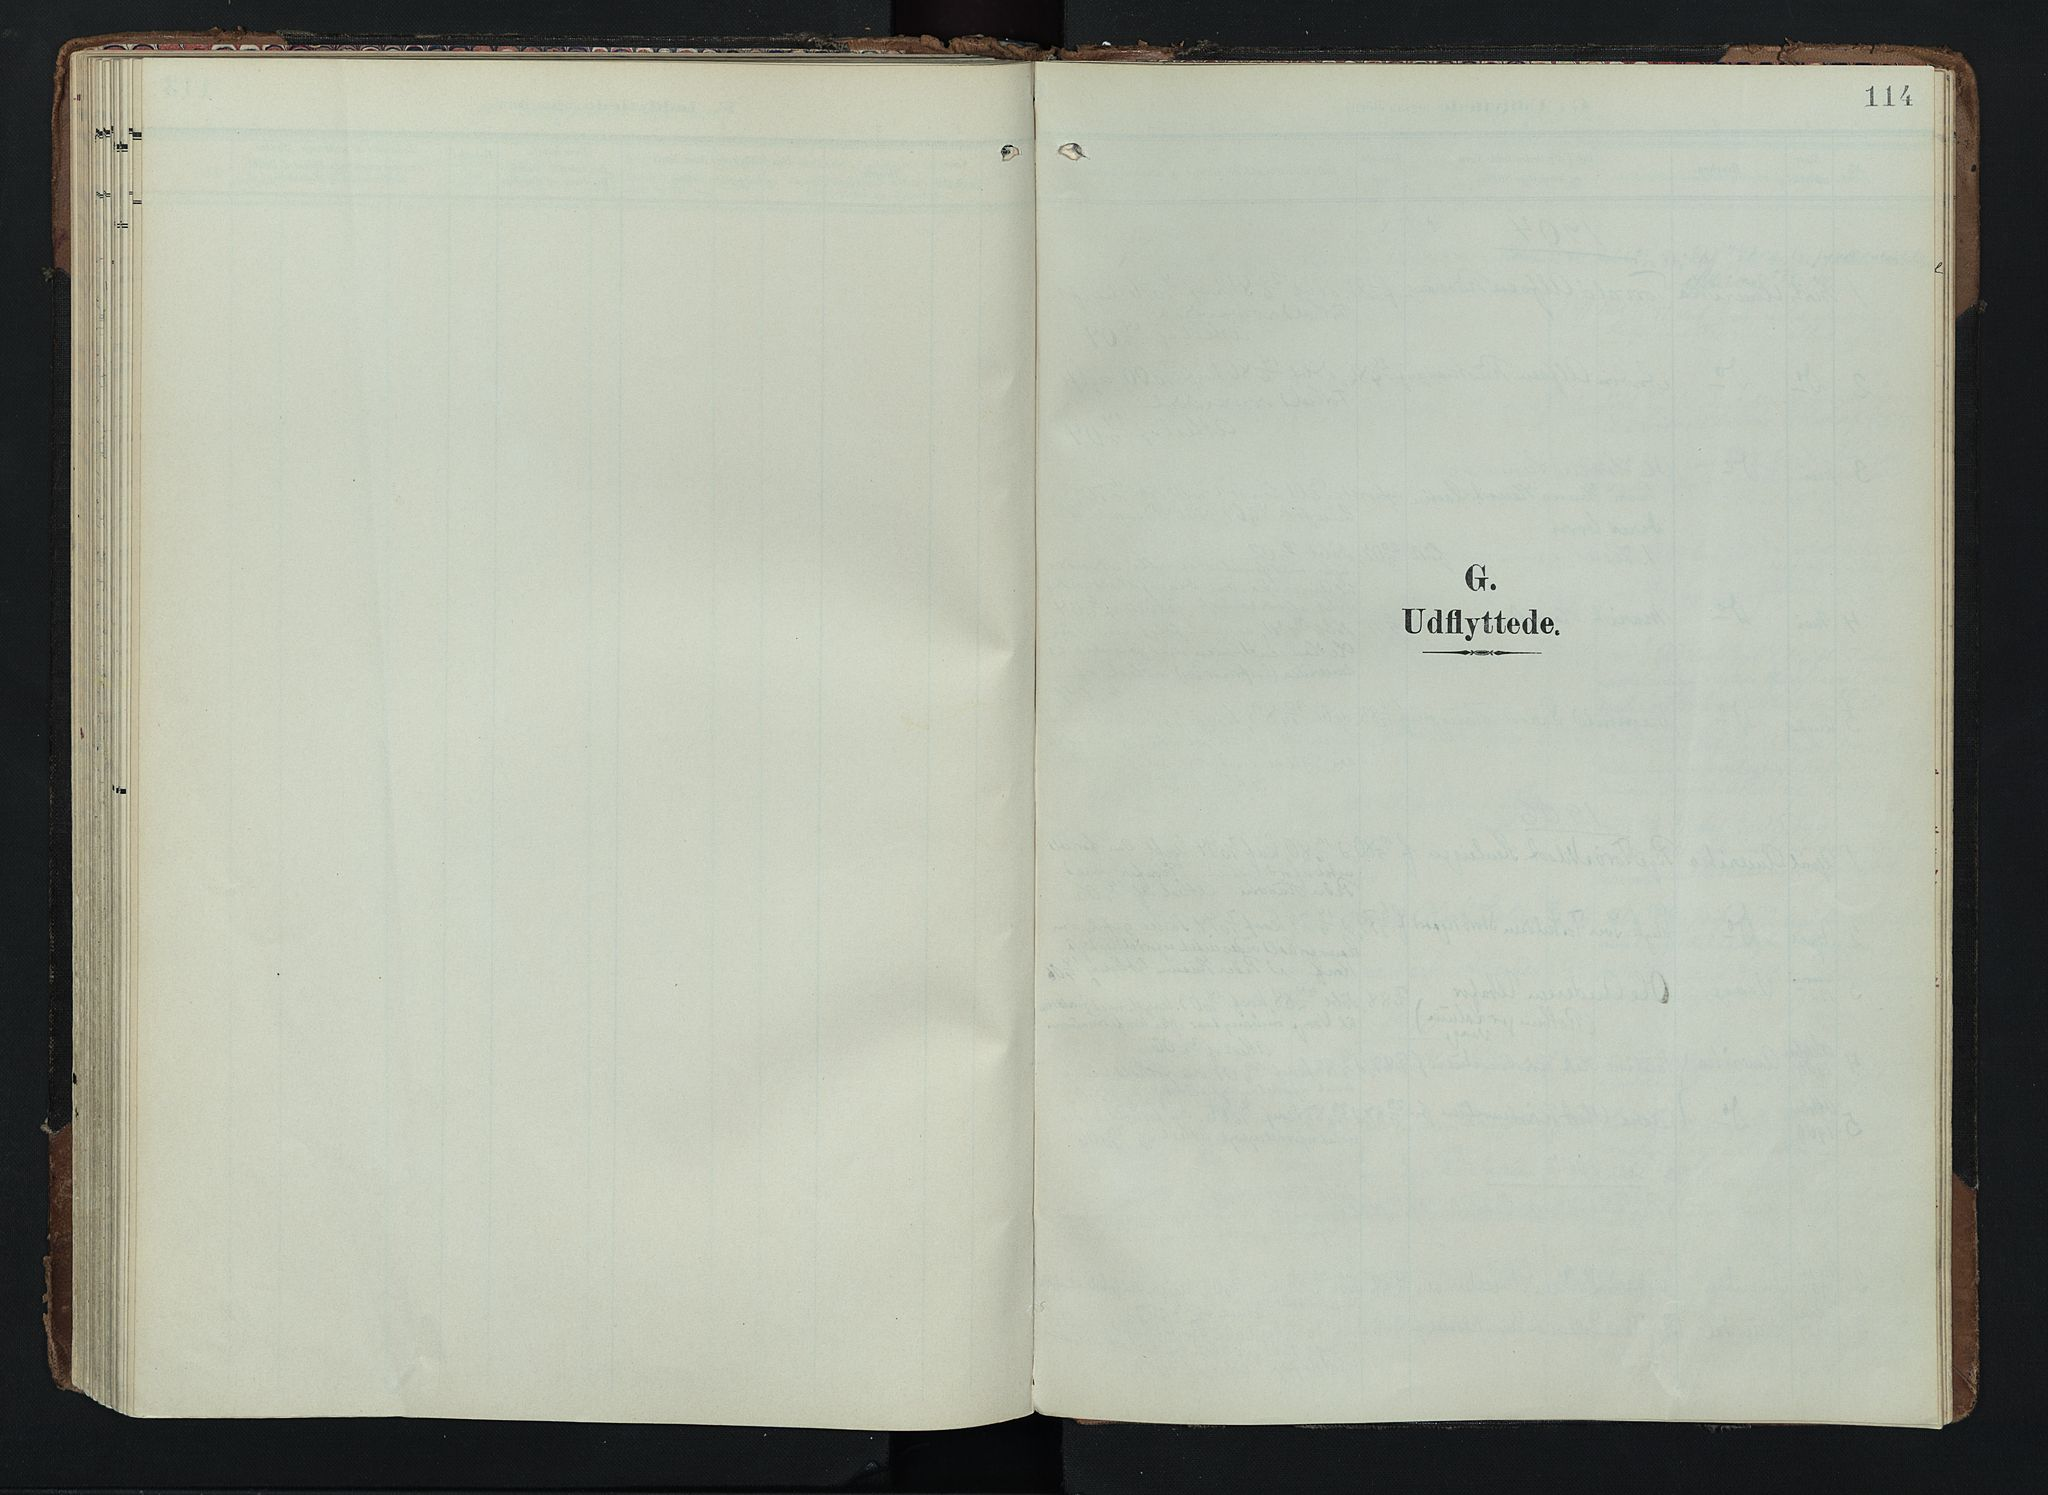 SAH, Lom prestekontor, K/L0012: Ministerialbok nr. 12, 1904-1928, s. 114